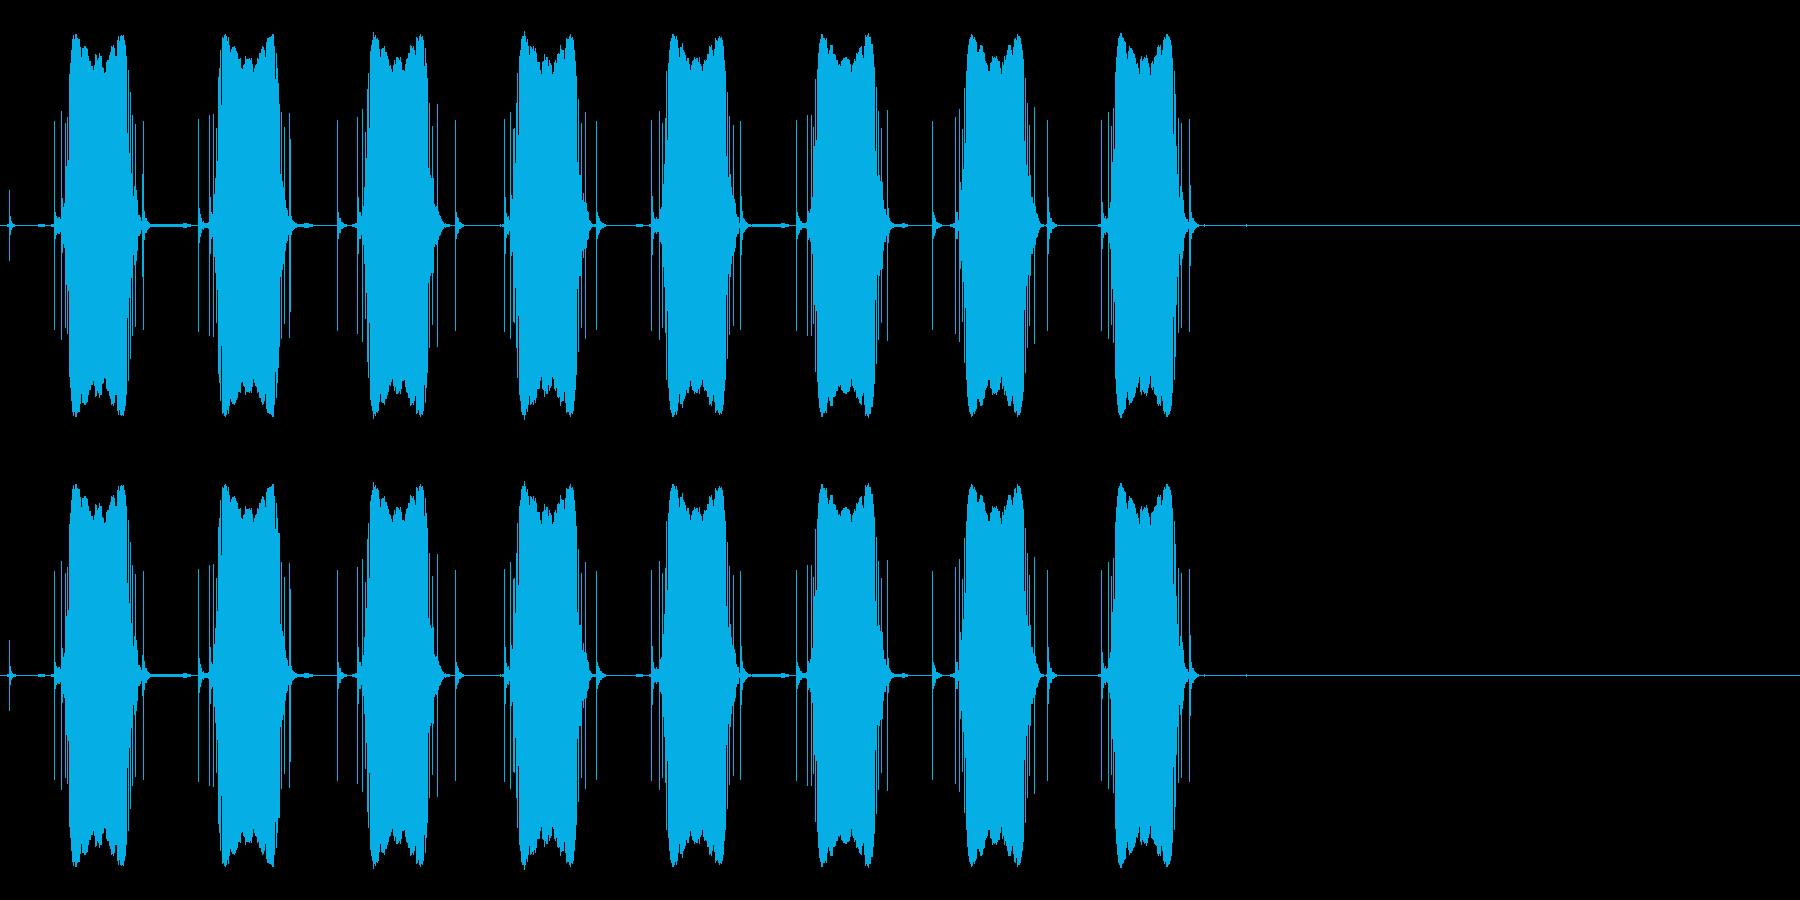 ウィンウィンウィンウィン(警告音)の再生済みの波形